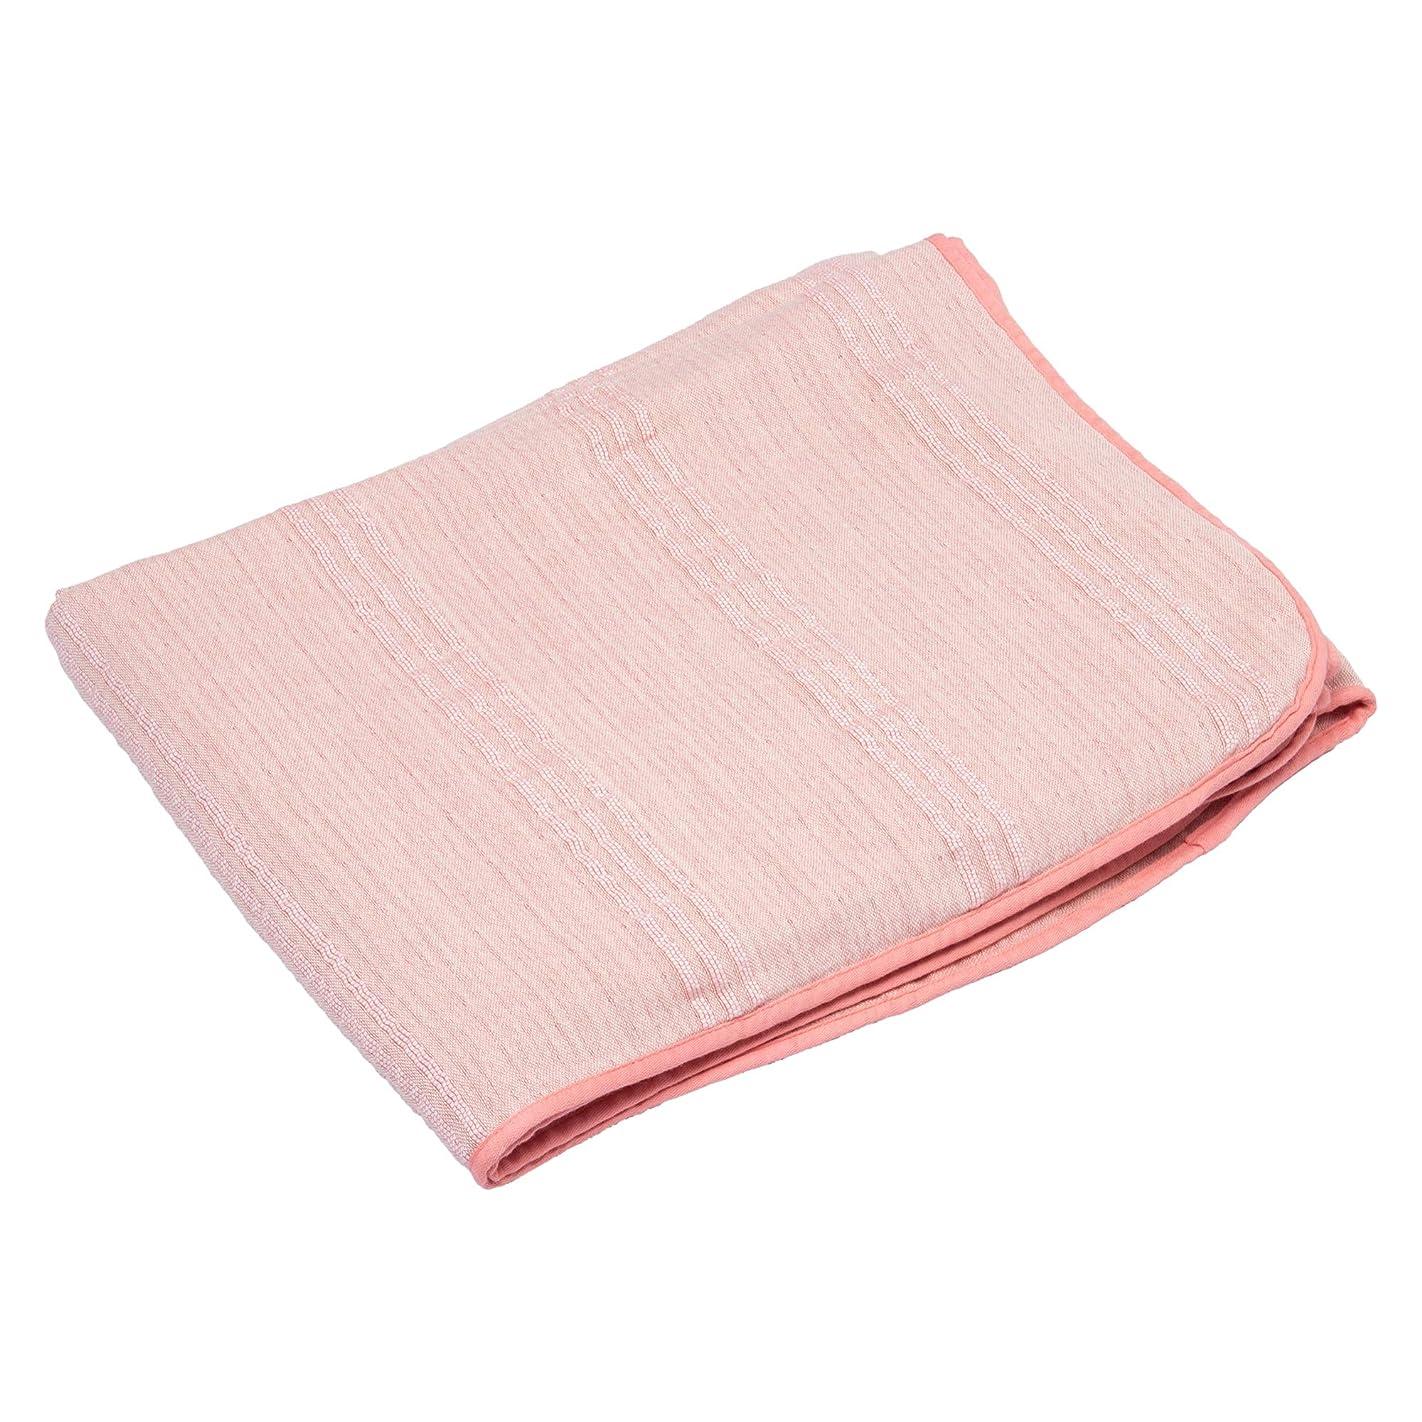 主流協定ハウジング西川(Nishikawa) ガーゼケット ピンク シングル ウール混 洗える ふっくら やわらか3重ガーゼ さらおり FR09803001P